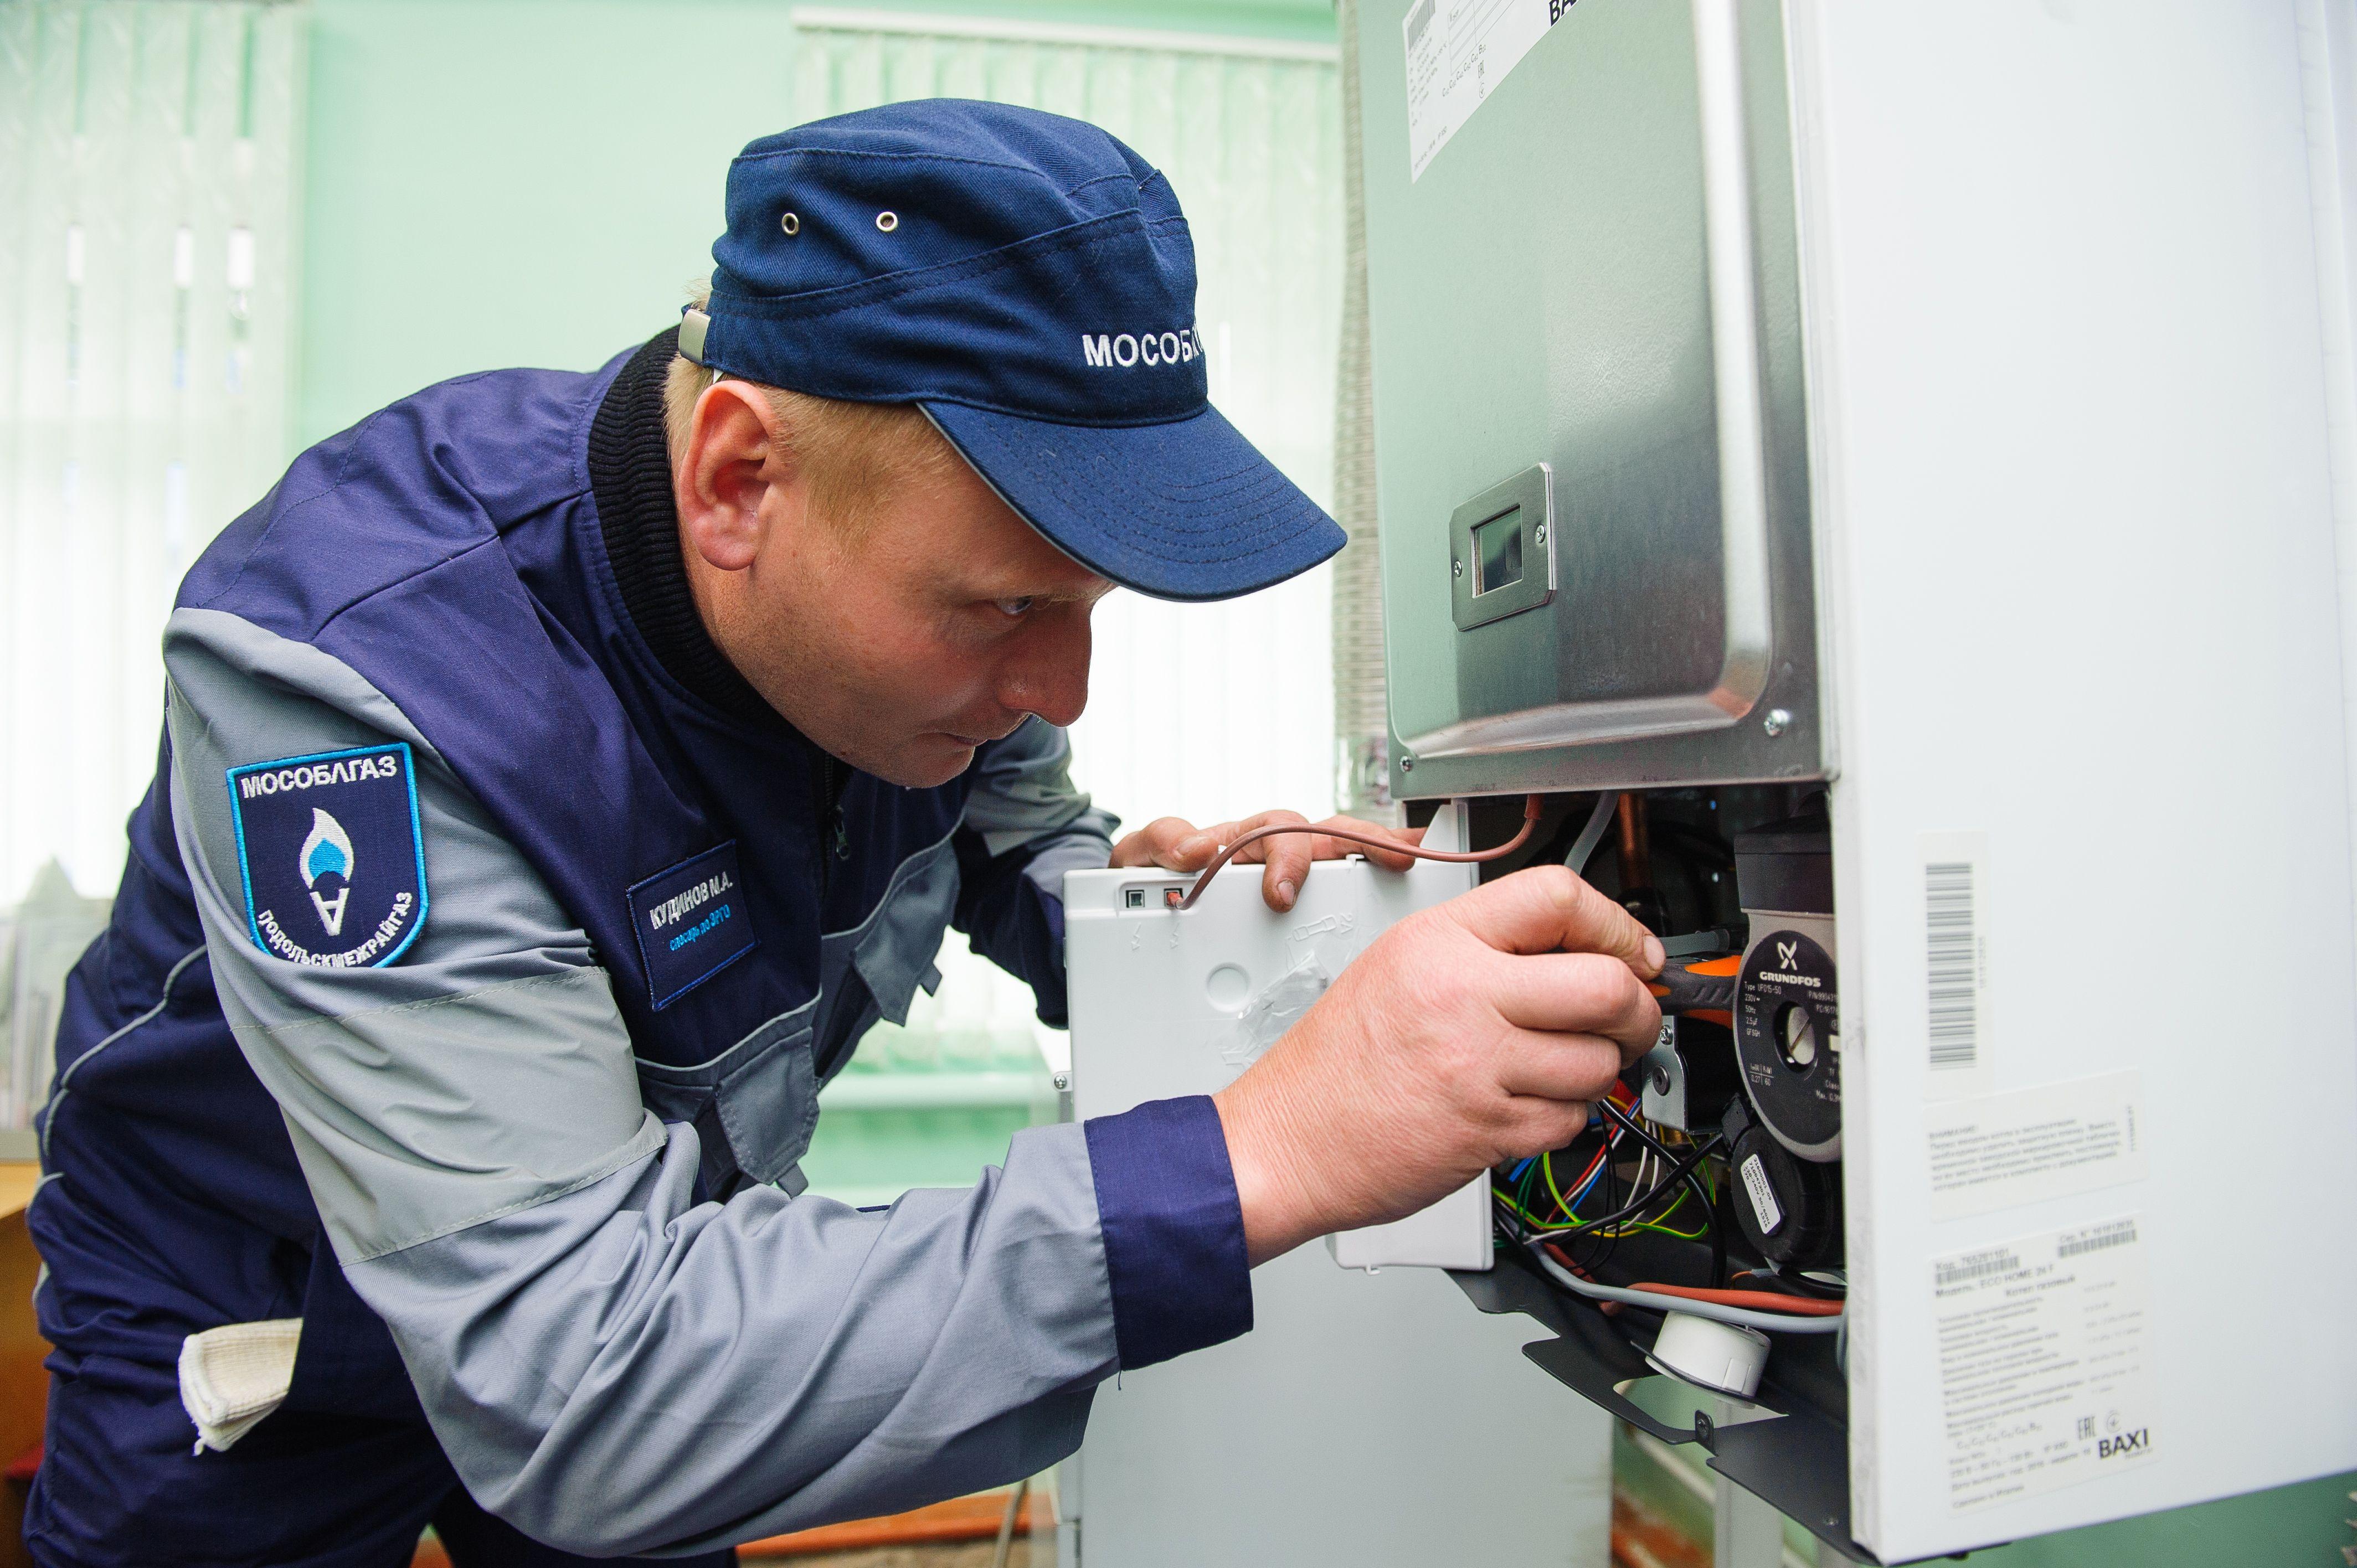 Мособлгаз проверил газовое оборудование в 100 тысячах частных жилых домов Подмосковья